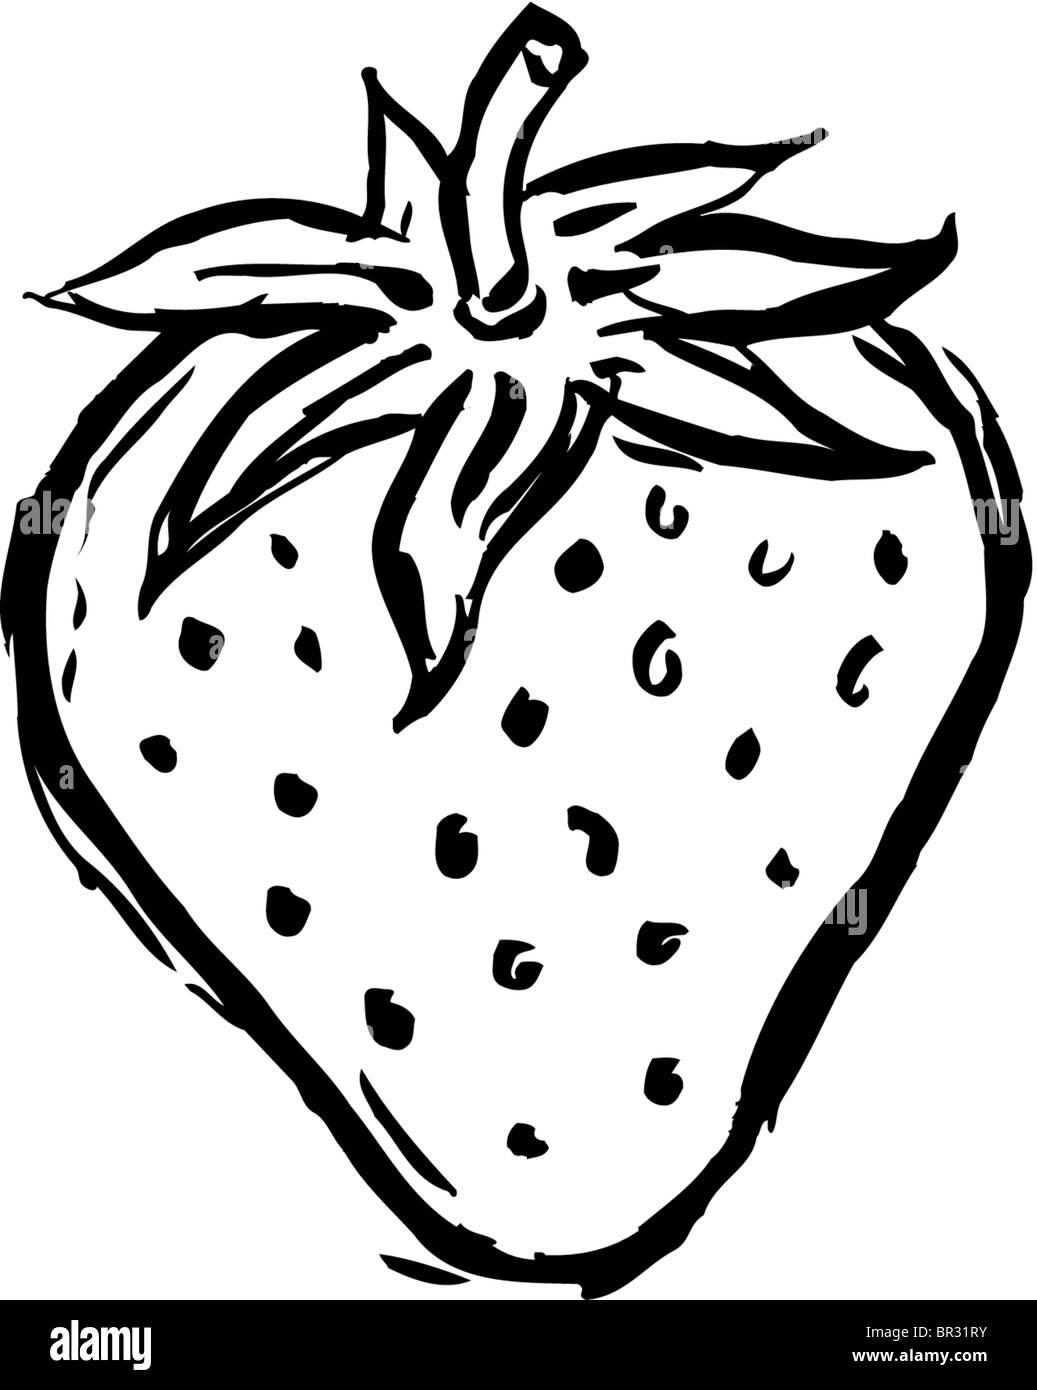 ein schwarz wei zeichnung eine erdbeere stockfoto bild 31414767 alamy. Black Bedroom Furniture Sets. Home Design Ideas